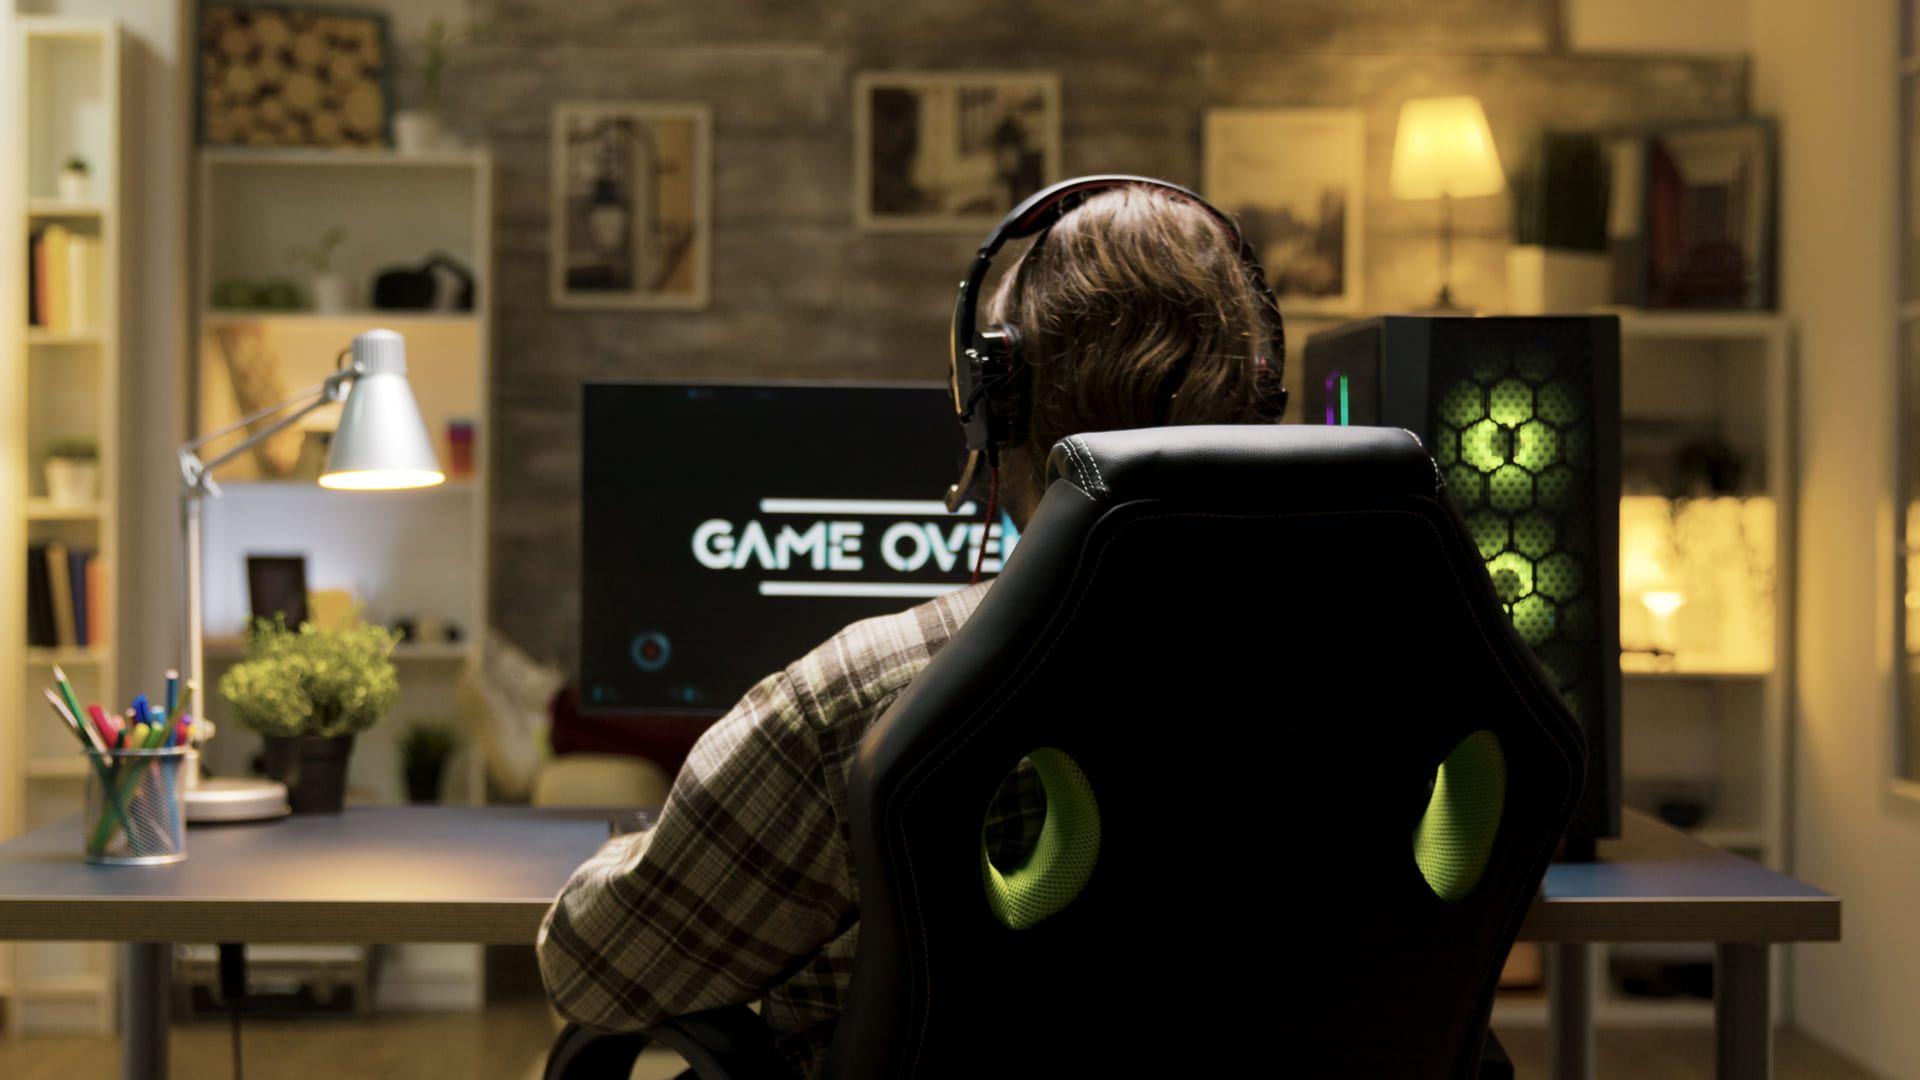 Jovem sentado em cadeira gamer jogando de frente para o computador e de costas para a foto.